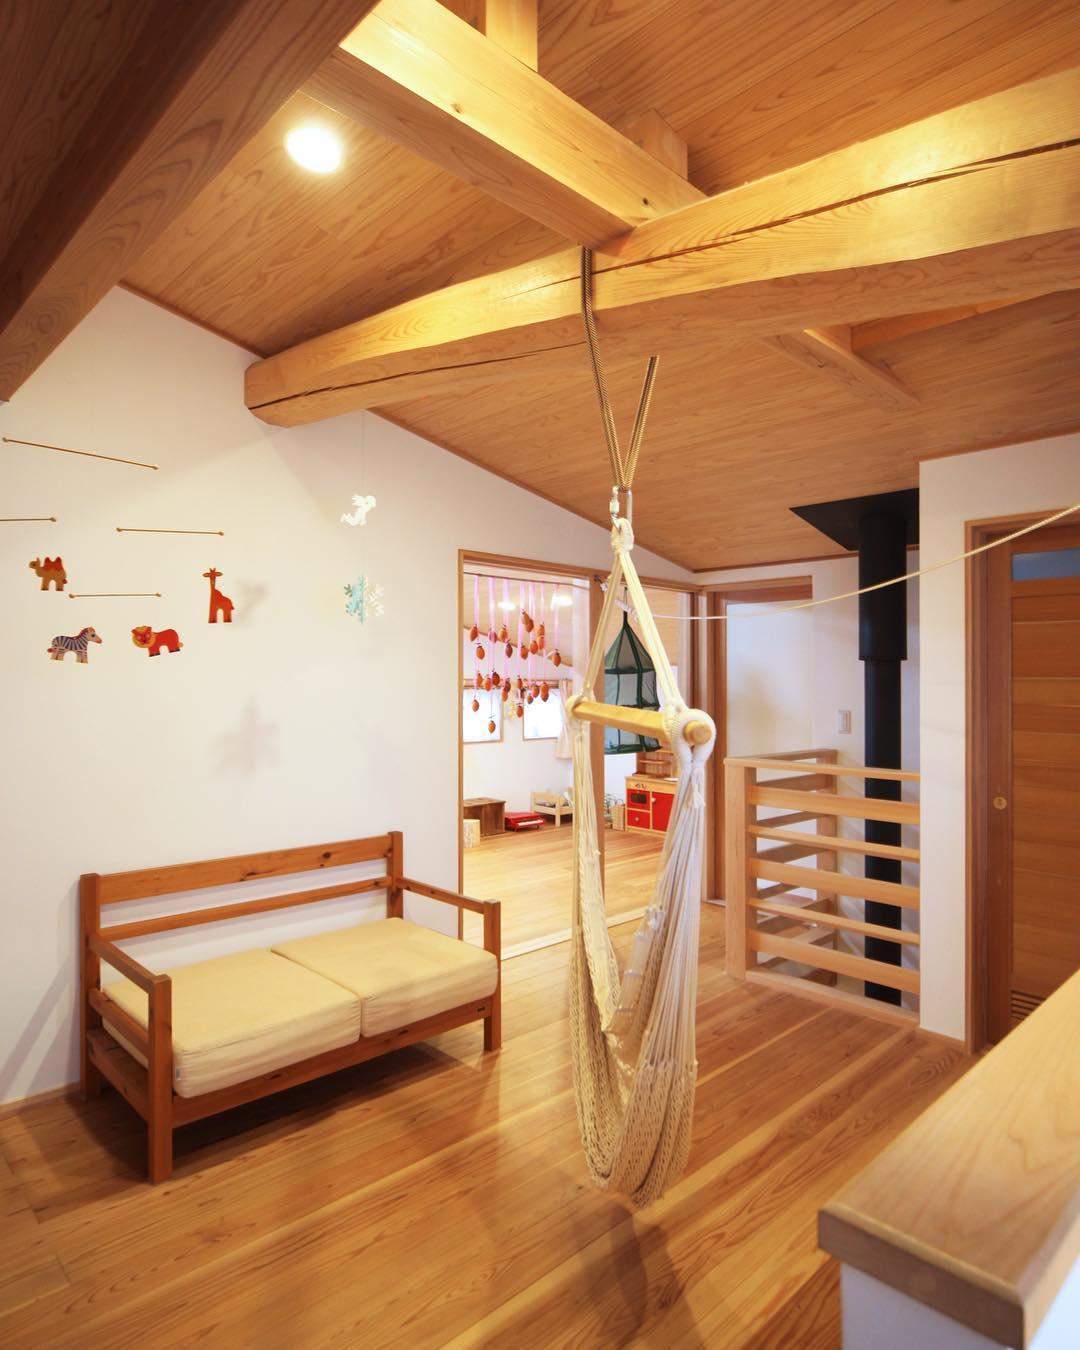 Desain Interior Rumah Minimalis Bergaya Jepang Dengan Nuansa Penuh Kehangatan Inspirasi Desain Rumah Terkini